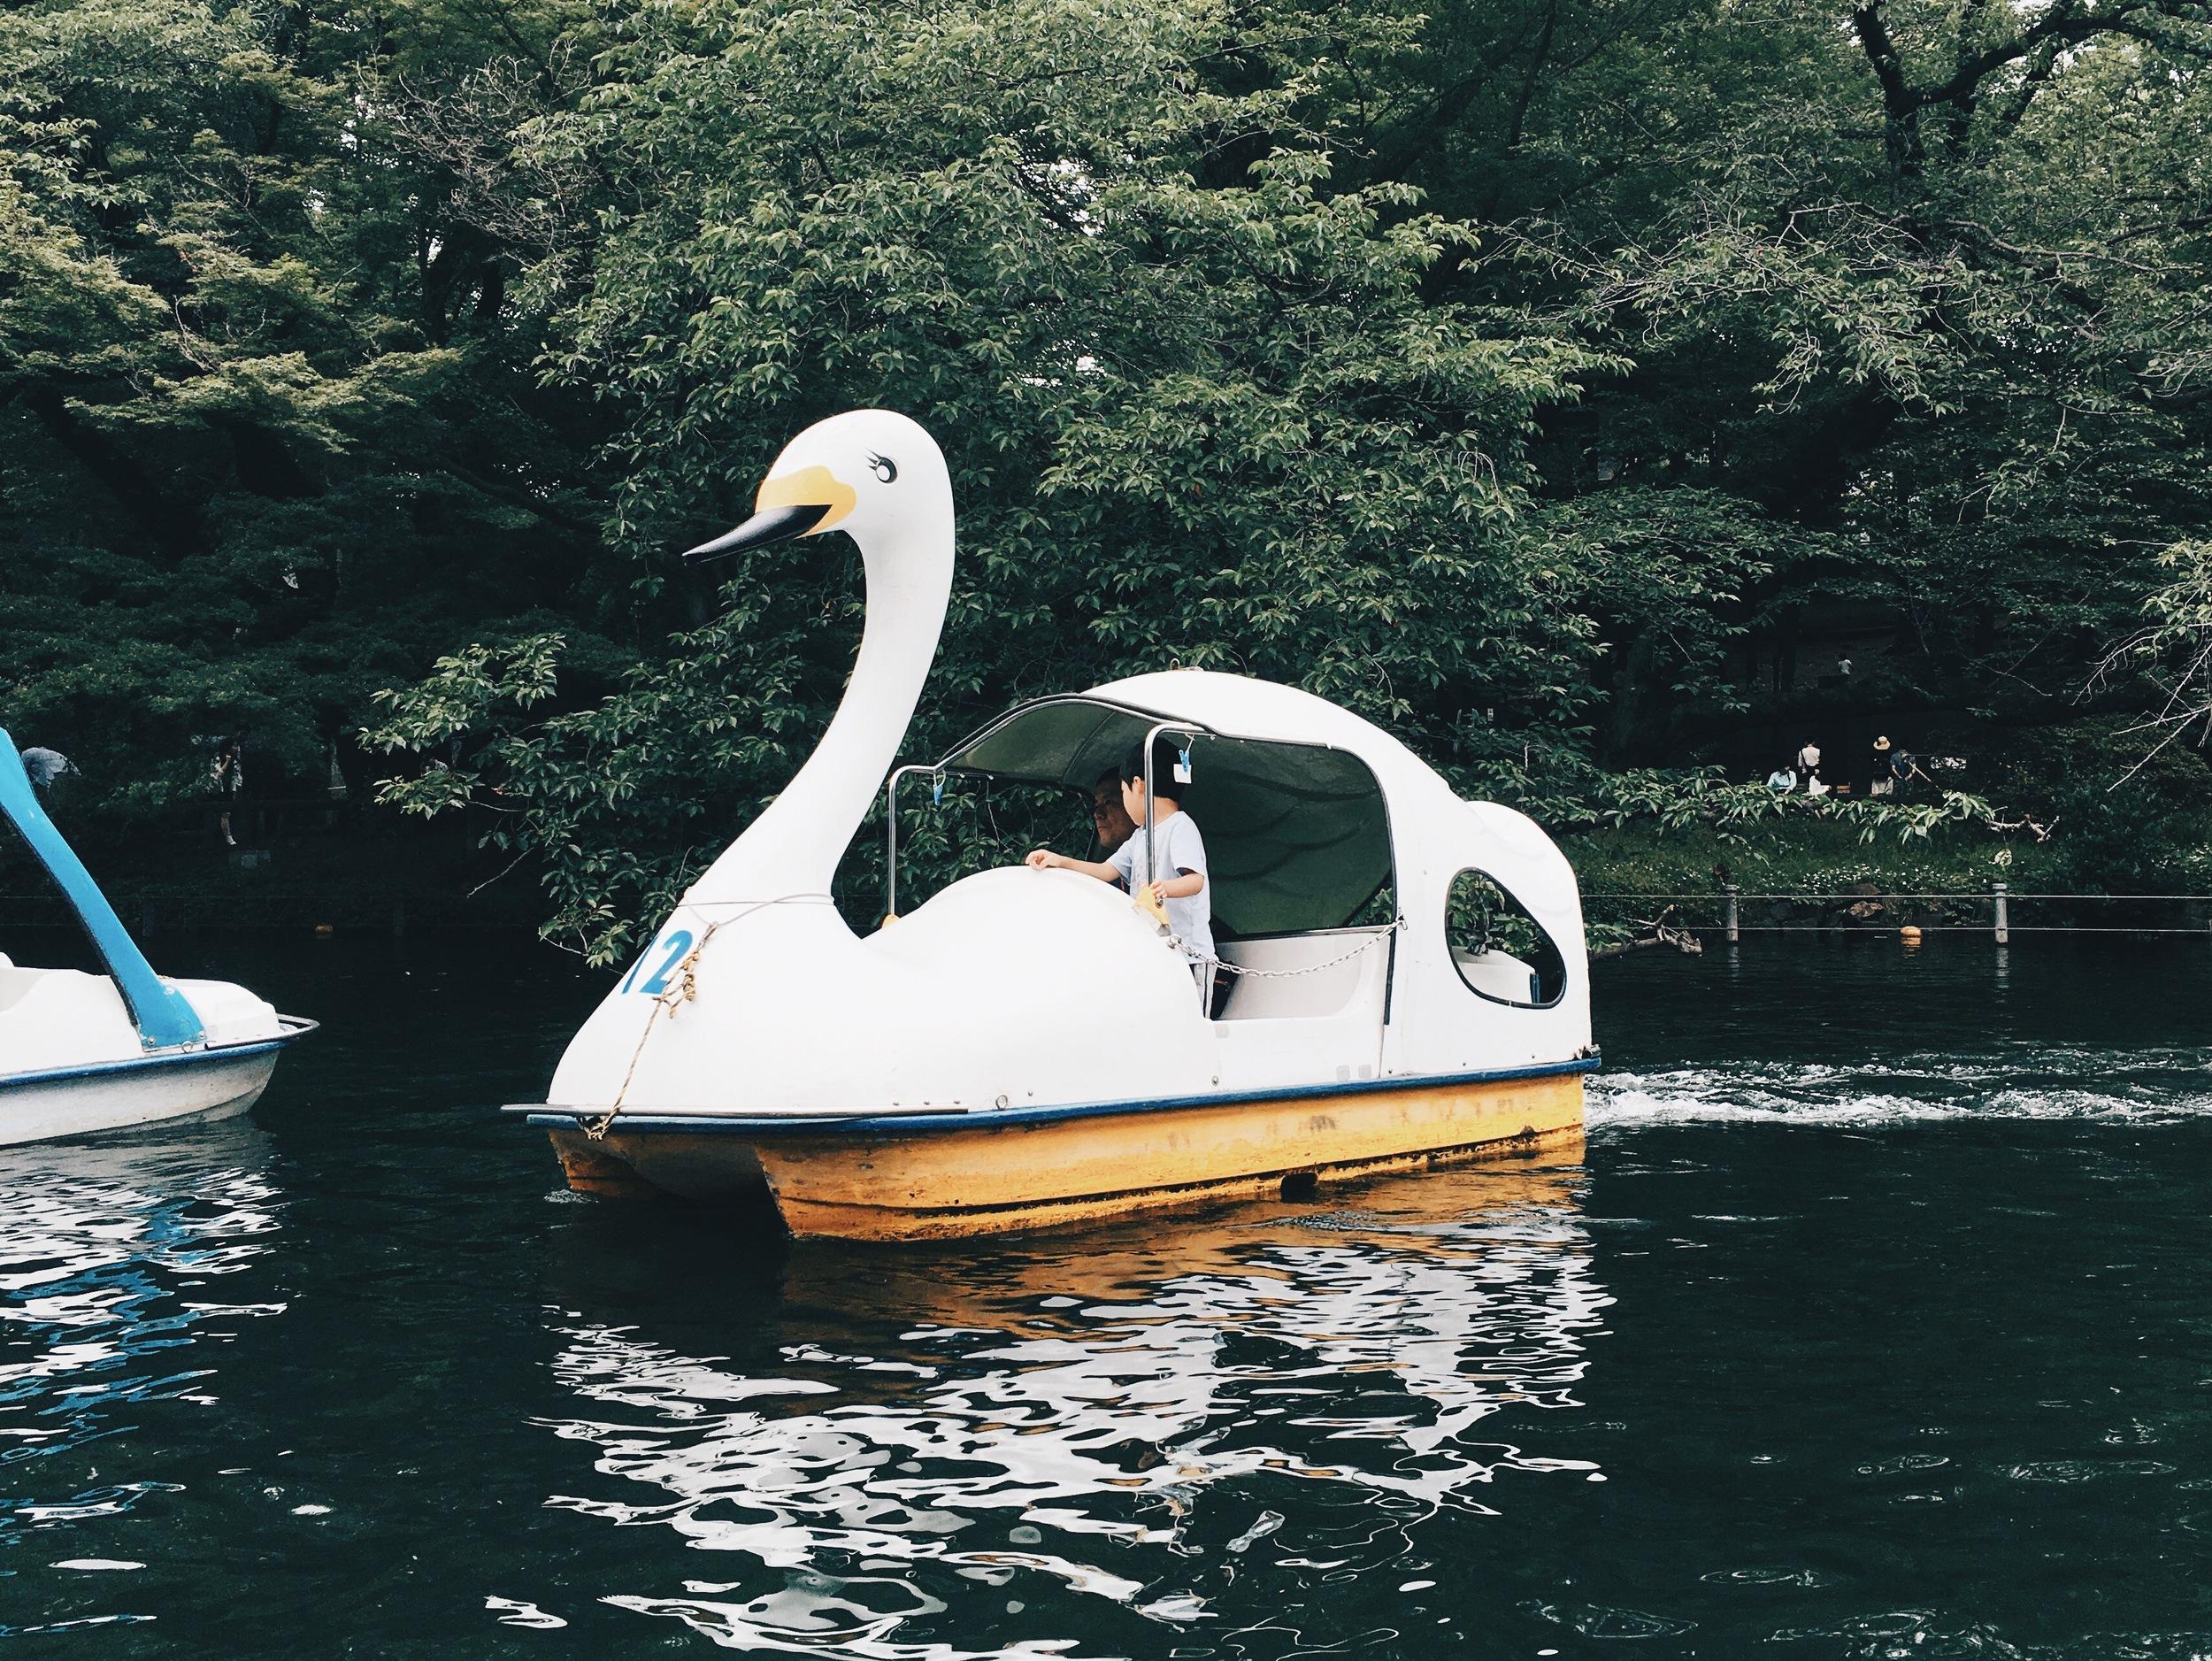 Swans in Inokashira Park